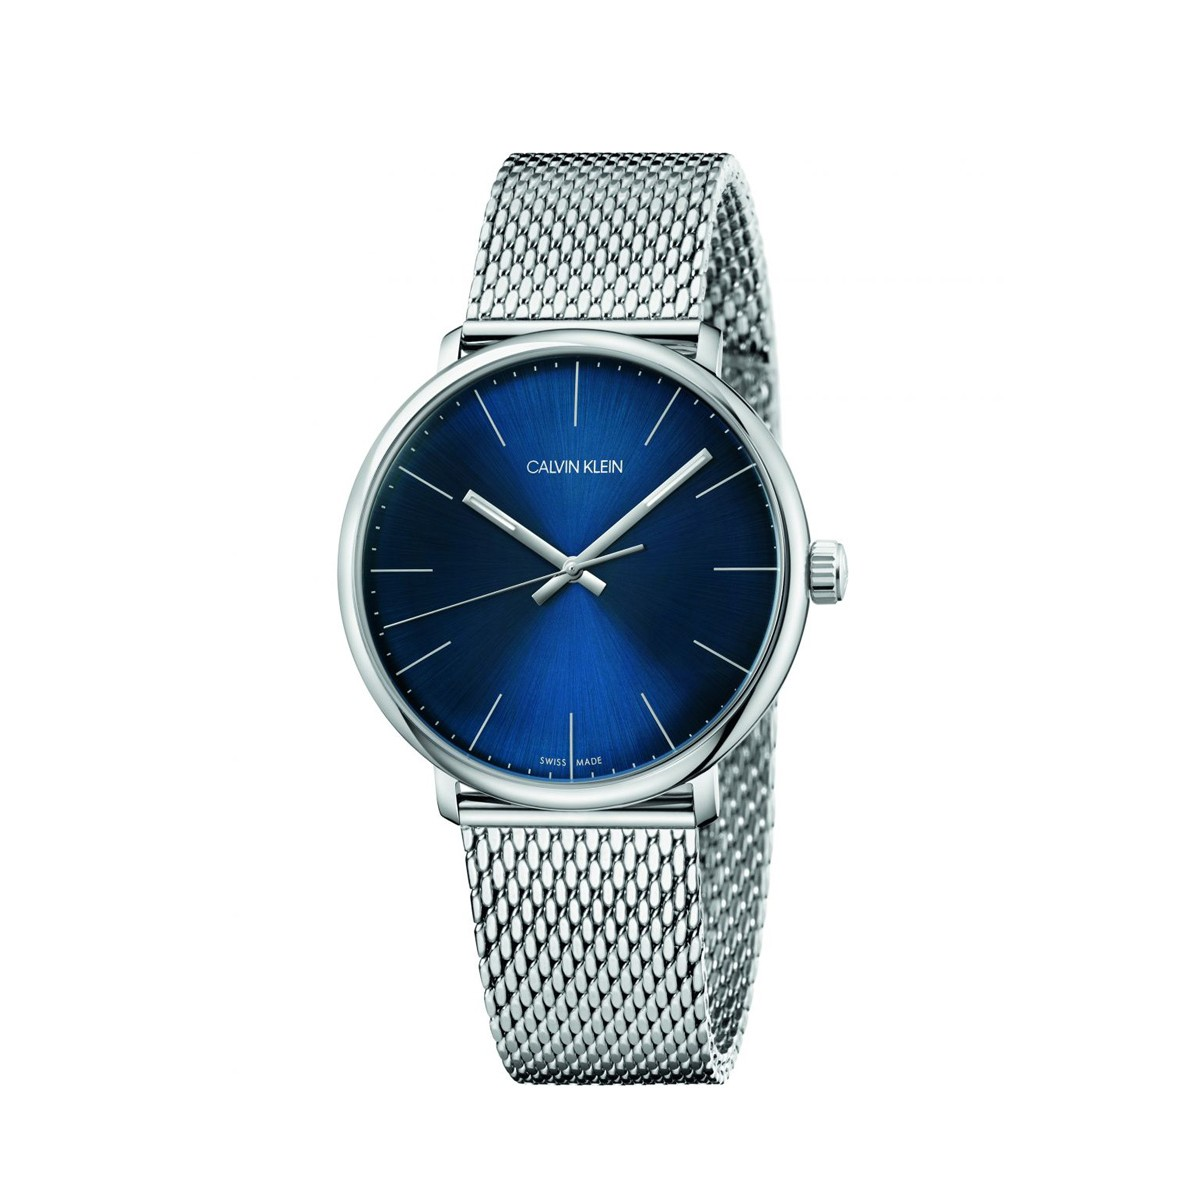 Đồng hồ Calvin Klein K8M2112N Nam 40mm, Quartz (Pin), Thép không gỉ